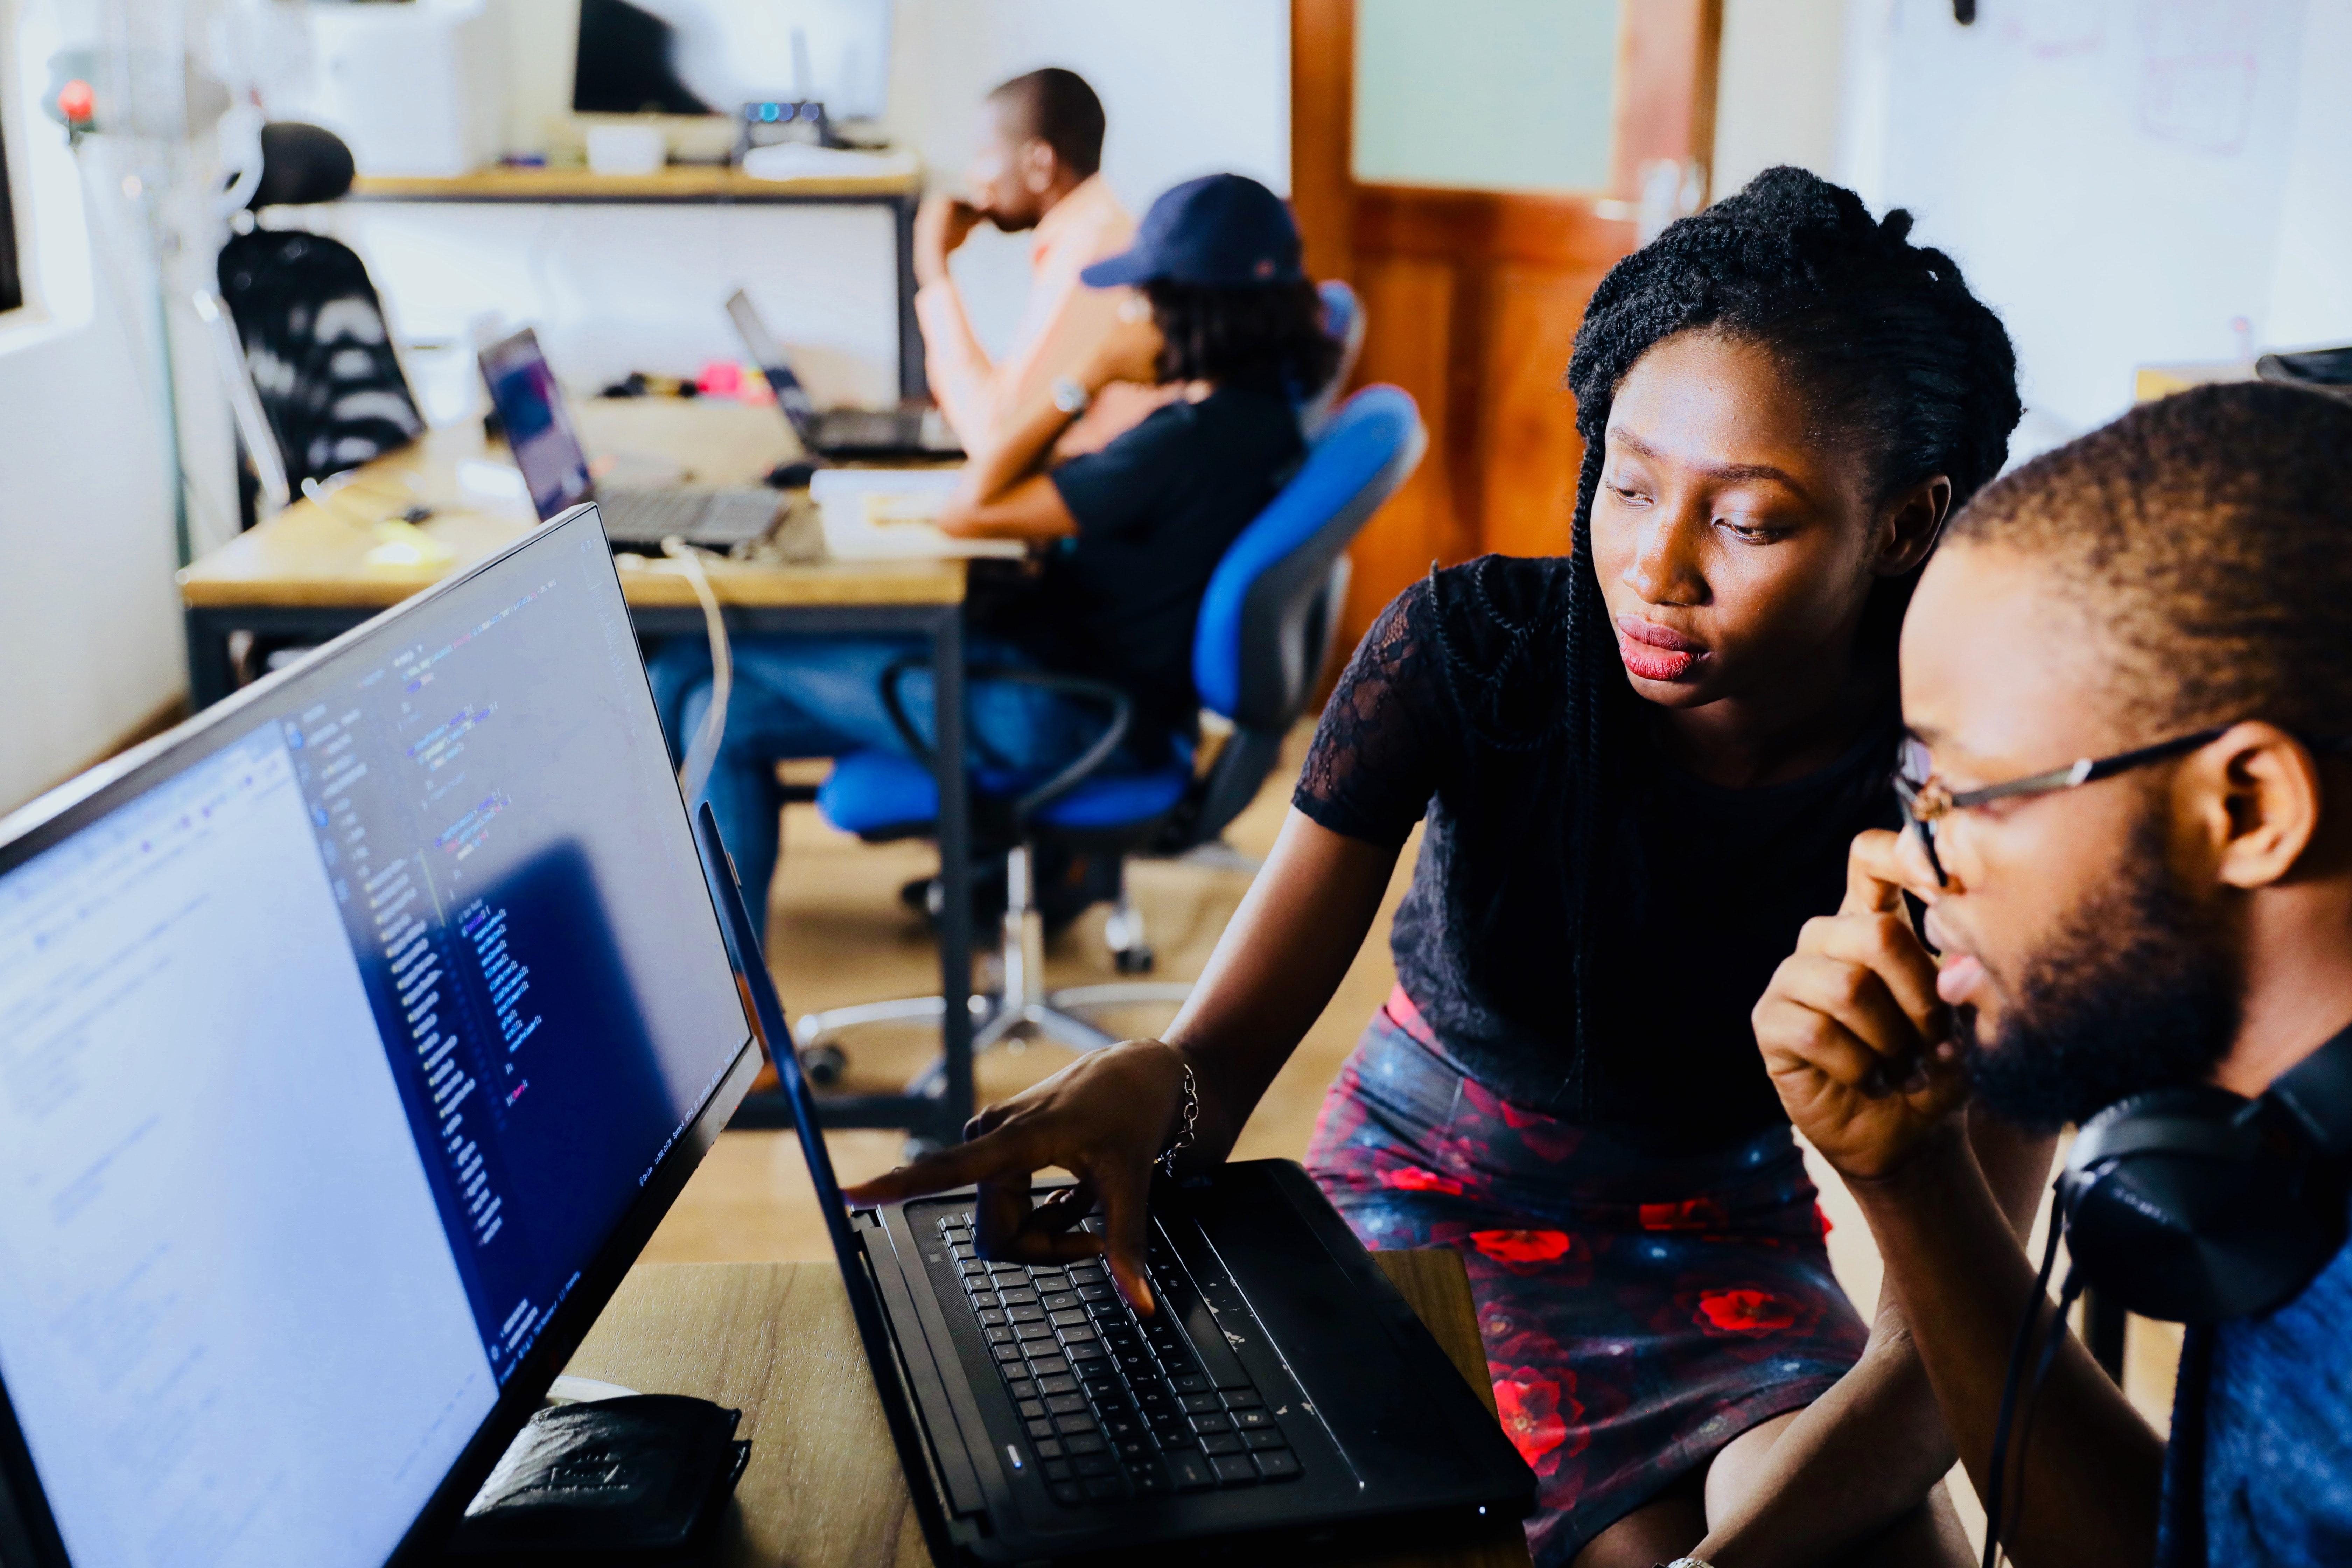 Apple & MSU launch first U.S. Developer Academy to empower Detroiters